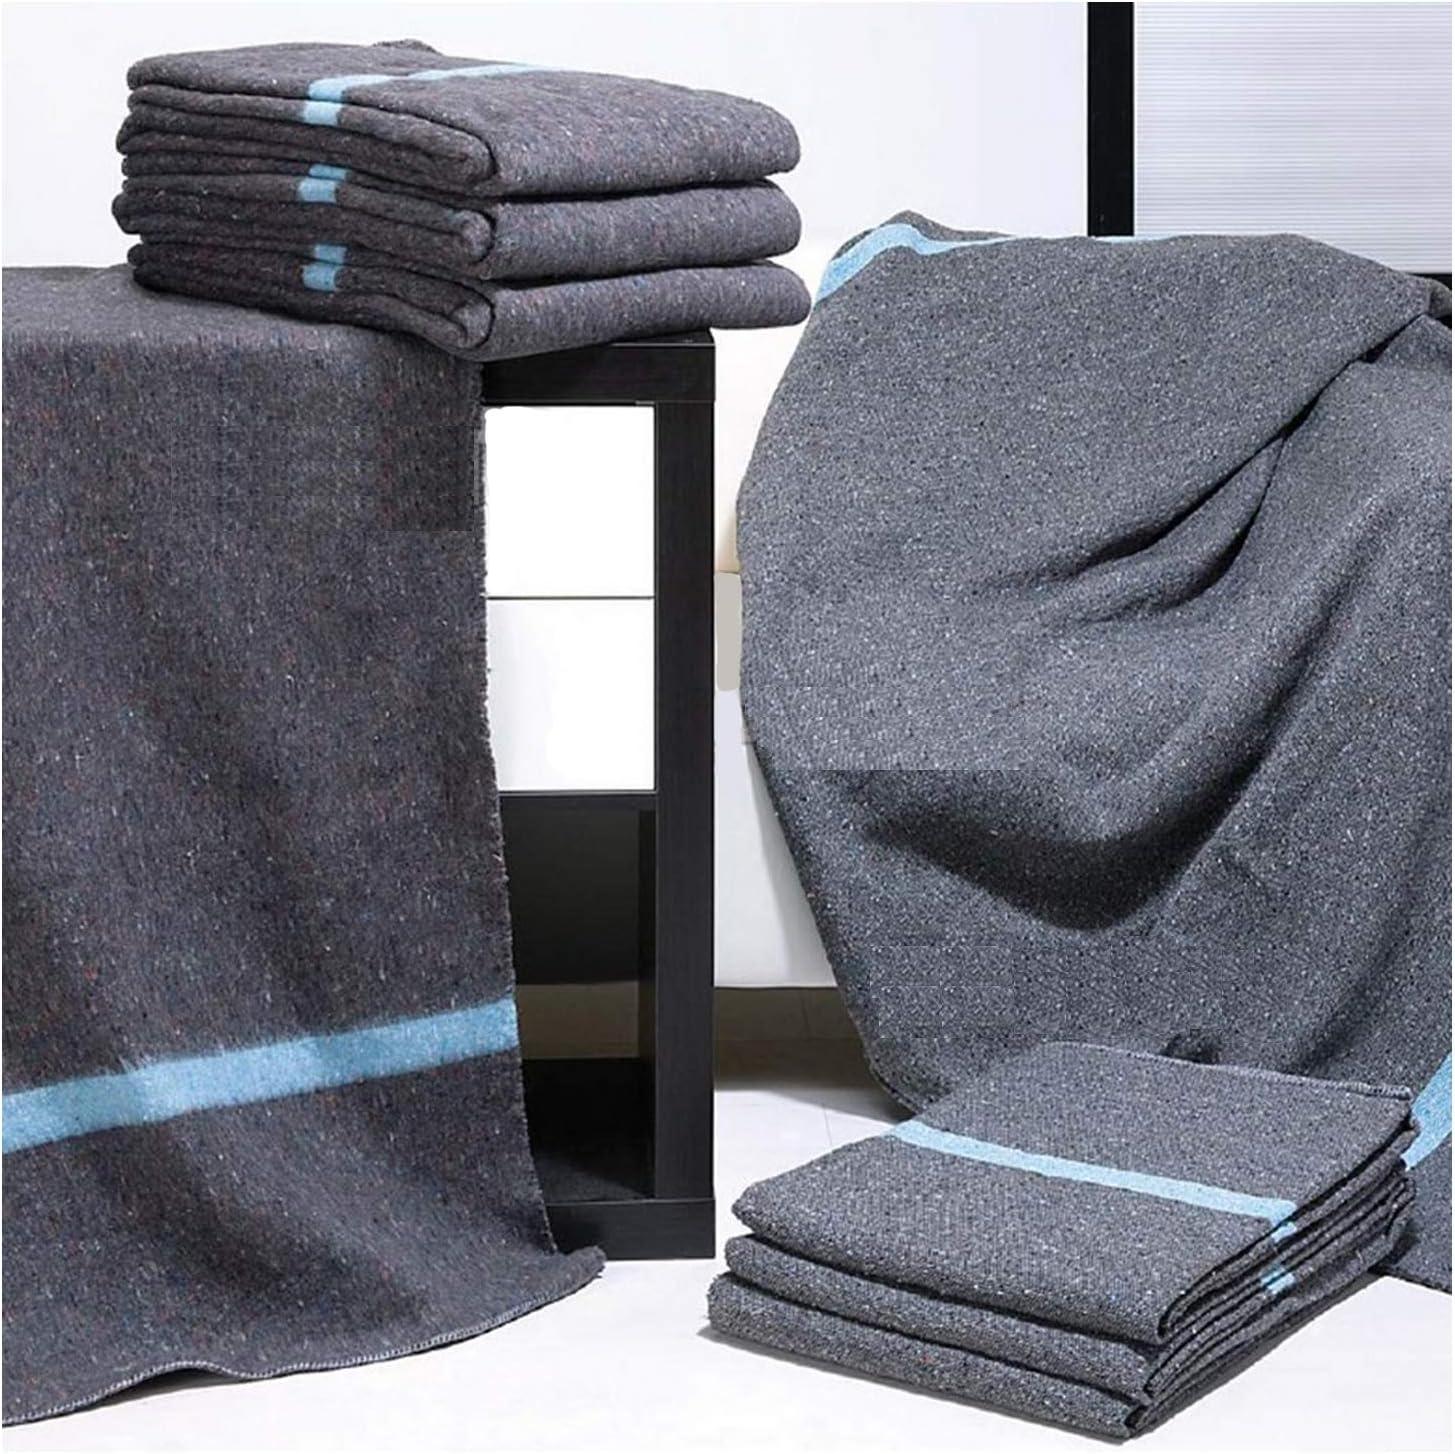 PimPam Factory - Pack de 2 Mantas Protectoras Perchadas para Mudanzas   140x200   410gr   Fabricado en España   para Mascotas, Yoga   Protección y Seguridad en el Transporte   Cubre y Protege Muebles